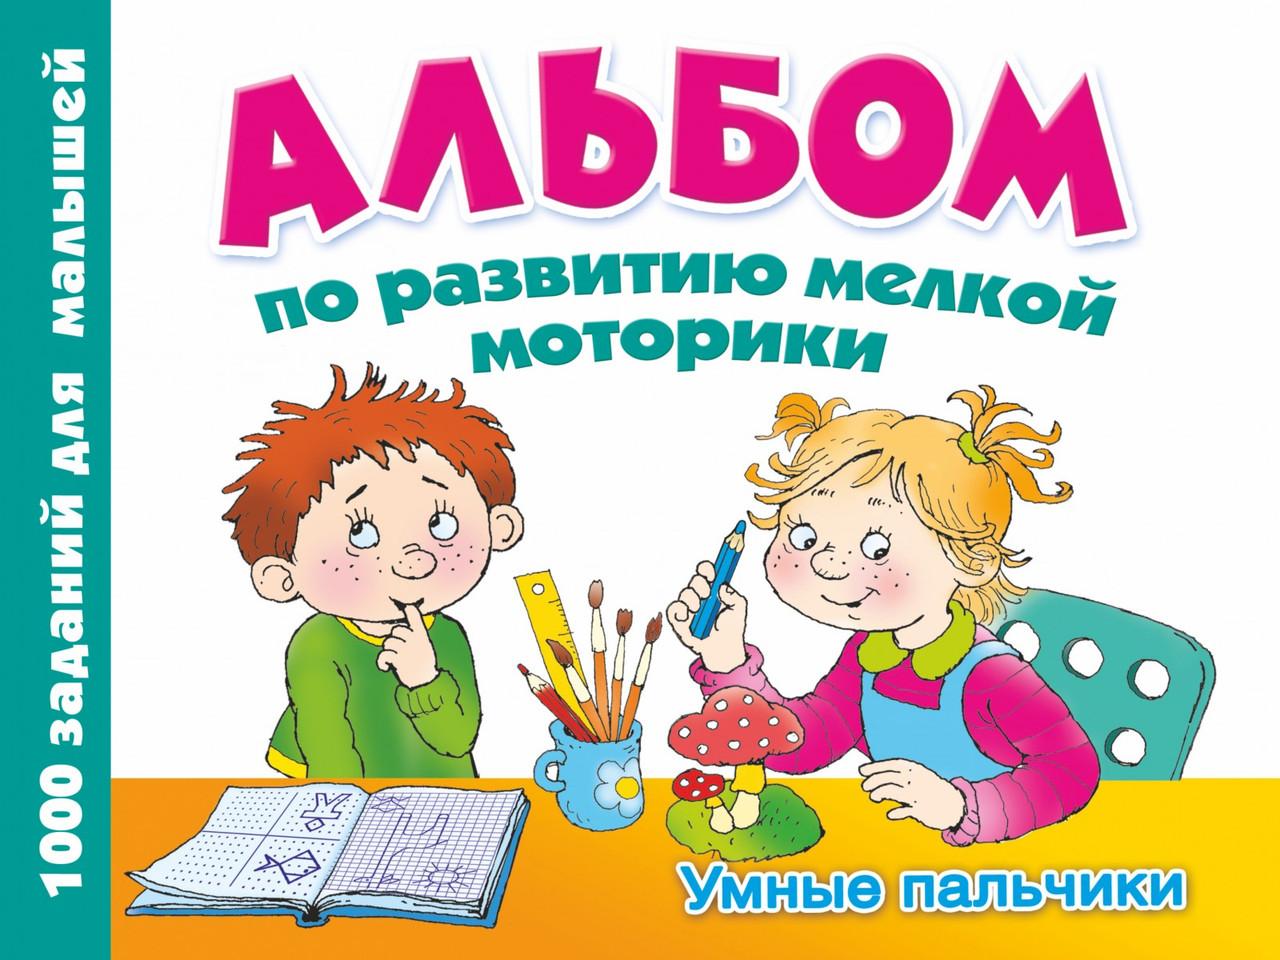 Альбом по развитию мелкой моторики. Умные пальчики. Автор Дмитриева В.Г.